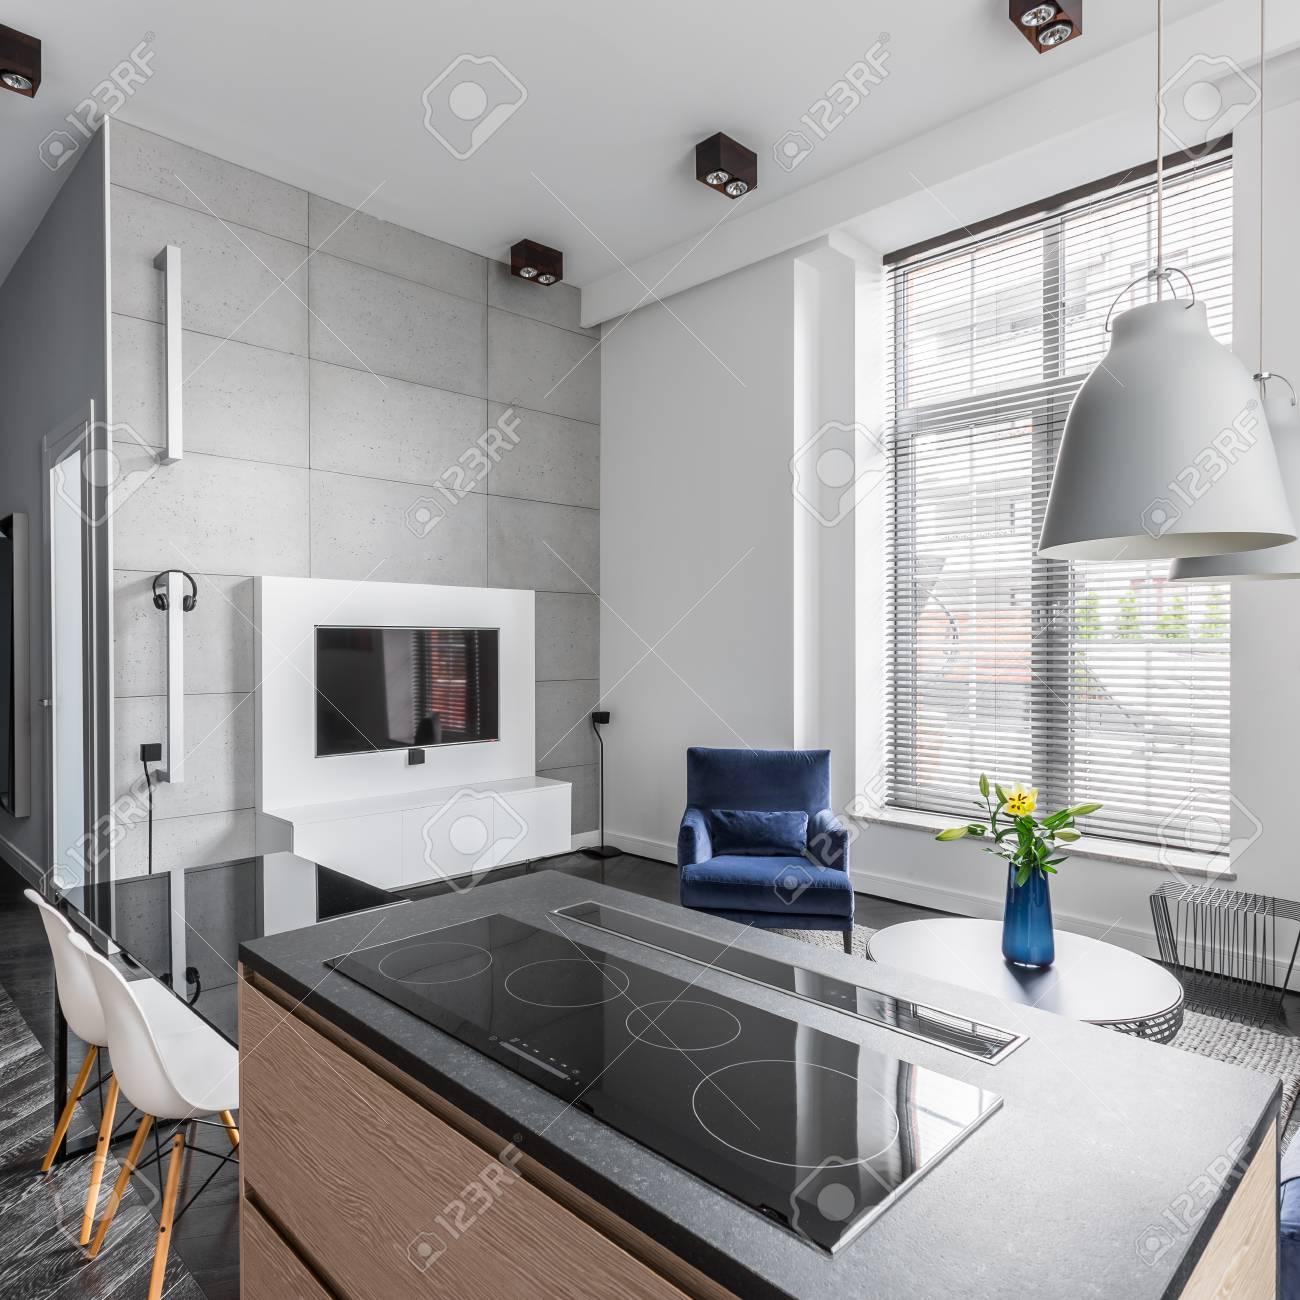 Wohnung Mit Betonwandfliesen Im Wohnzimmer Zur Kuche Hin Offen